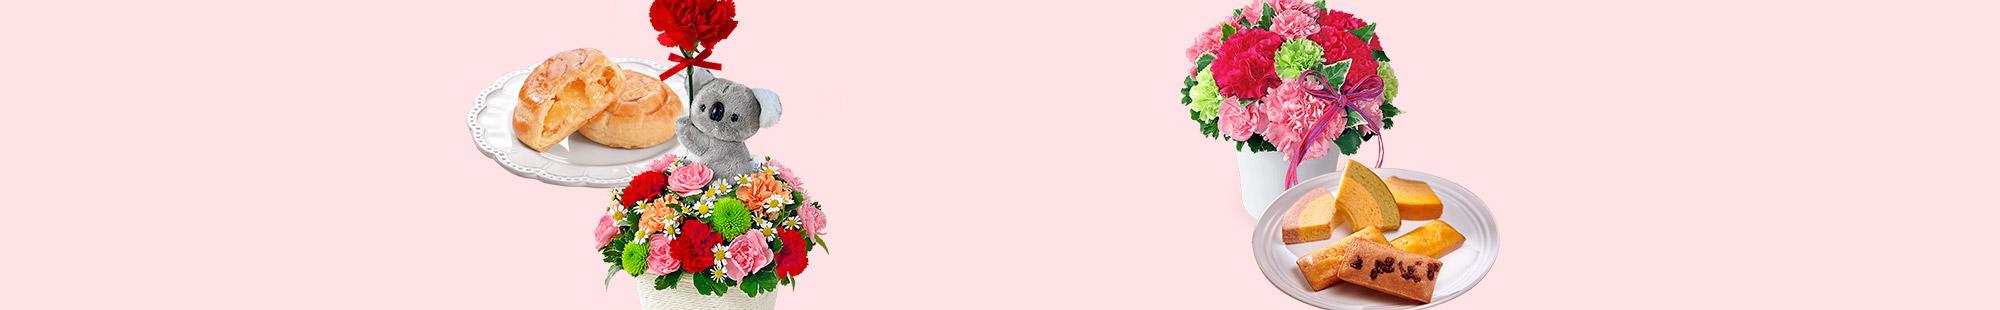 花キューピットの母の日 お花とスイーツ&グルメのセット特集2020